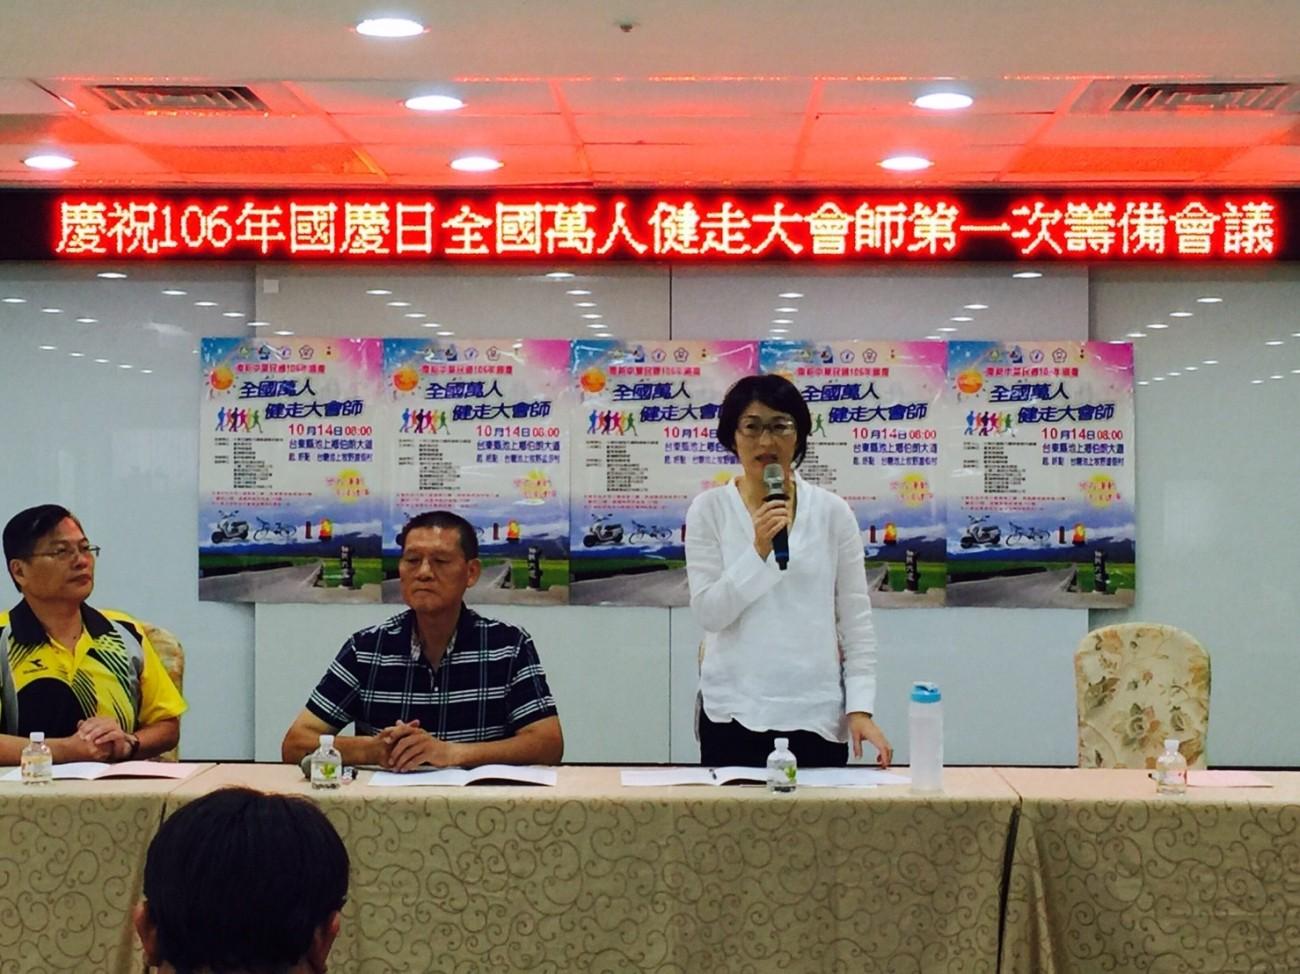 「106年國慶全國萬人健走大會師」活動,8月10日上午在台東縣議 會大禮堂召開,由今年的承辦單位「台東縣體育會」會長饒慶鈴主持。